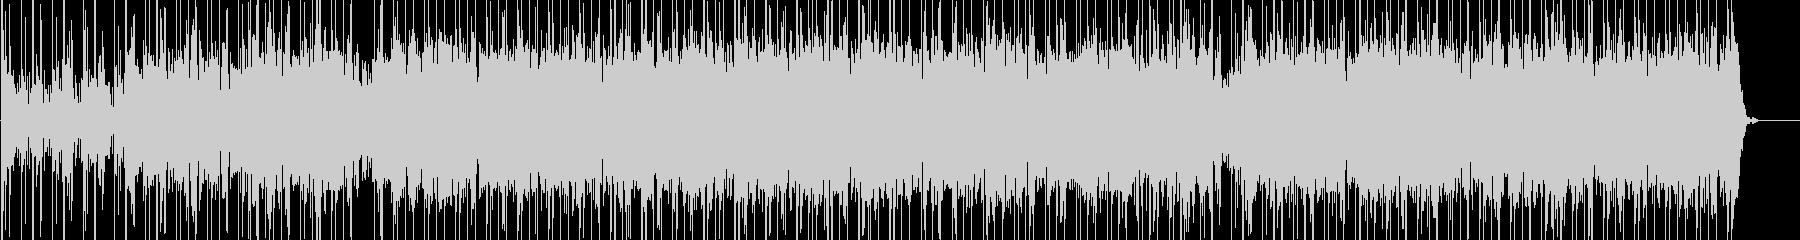 【チルアウト】洋楽、スムースR&Bの未再生の波形